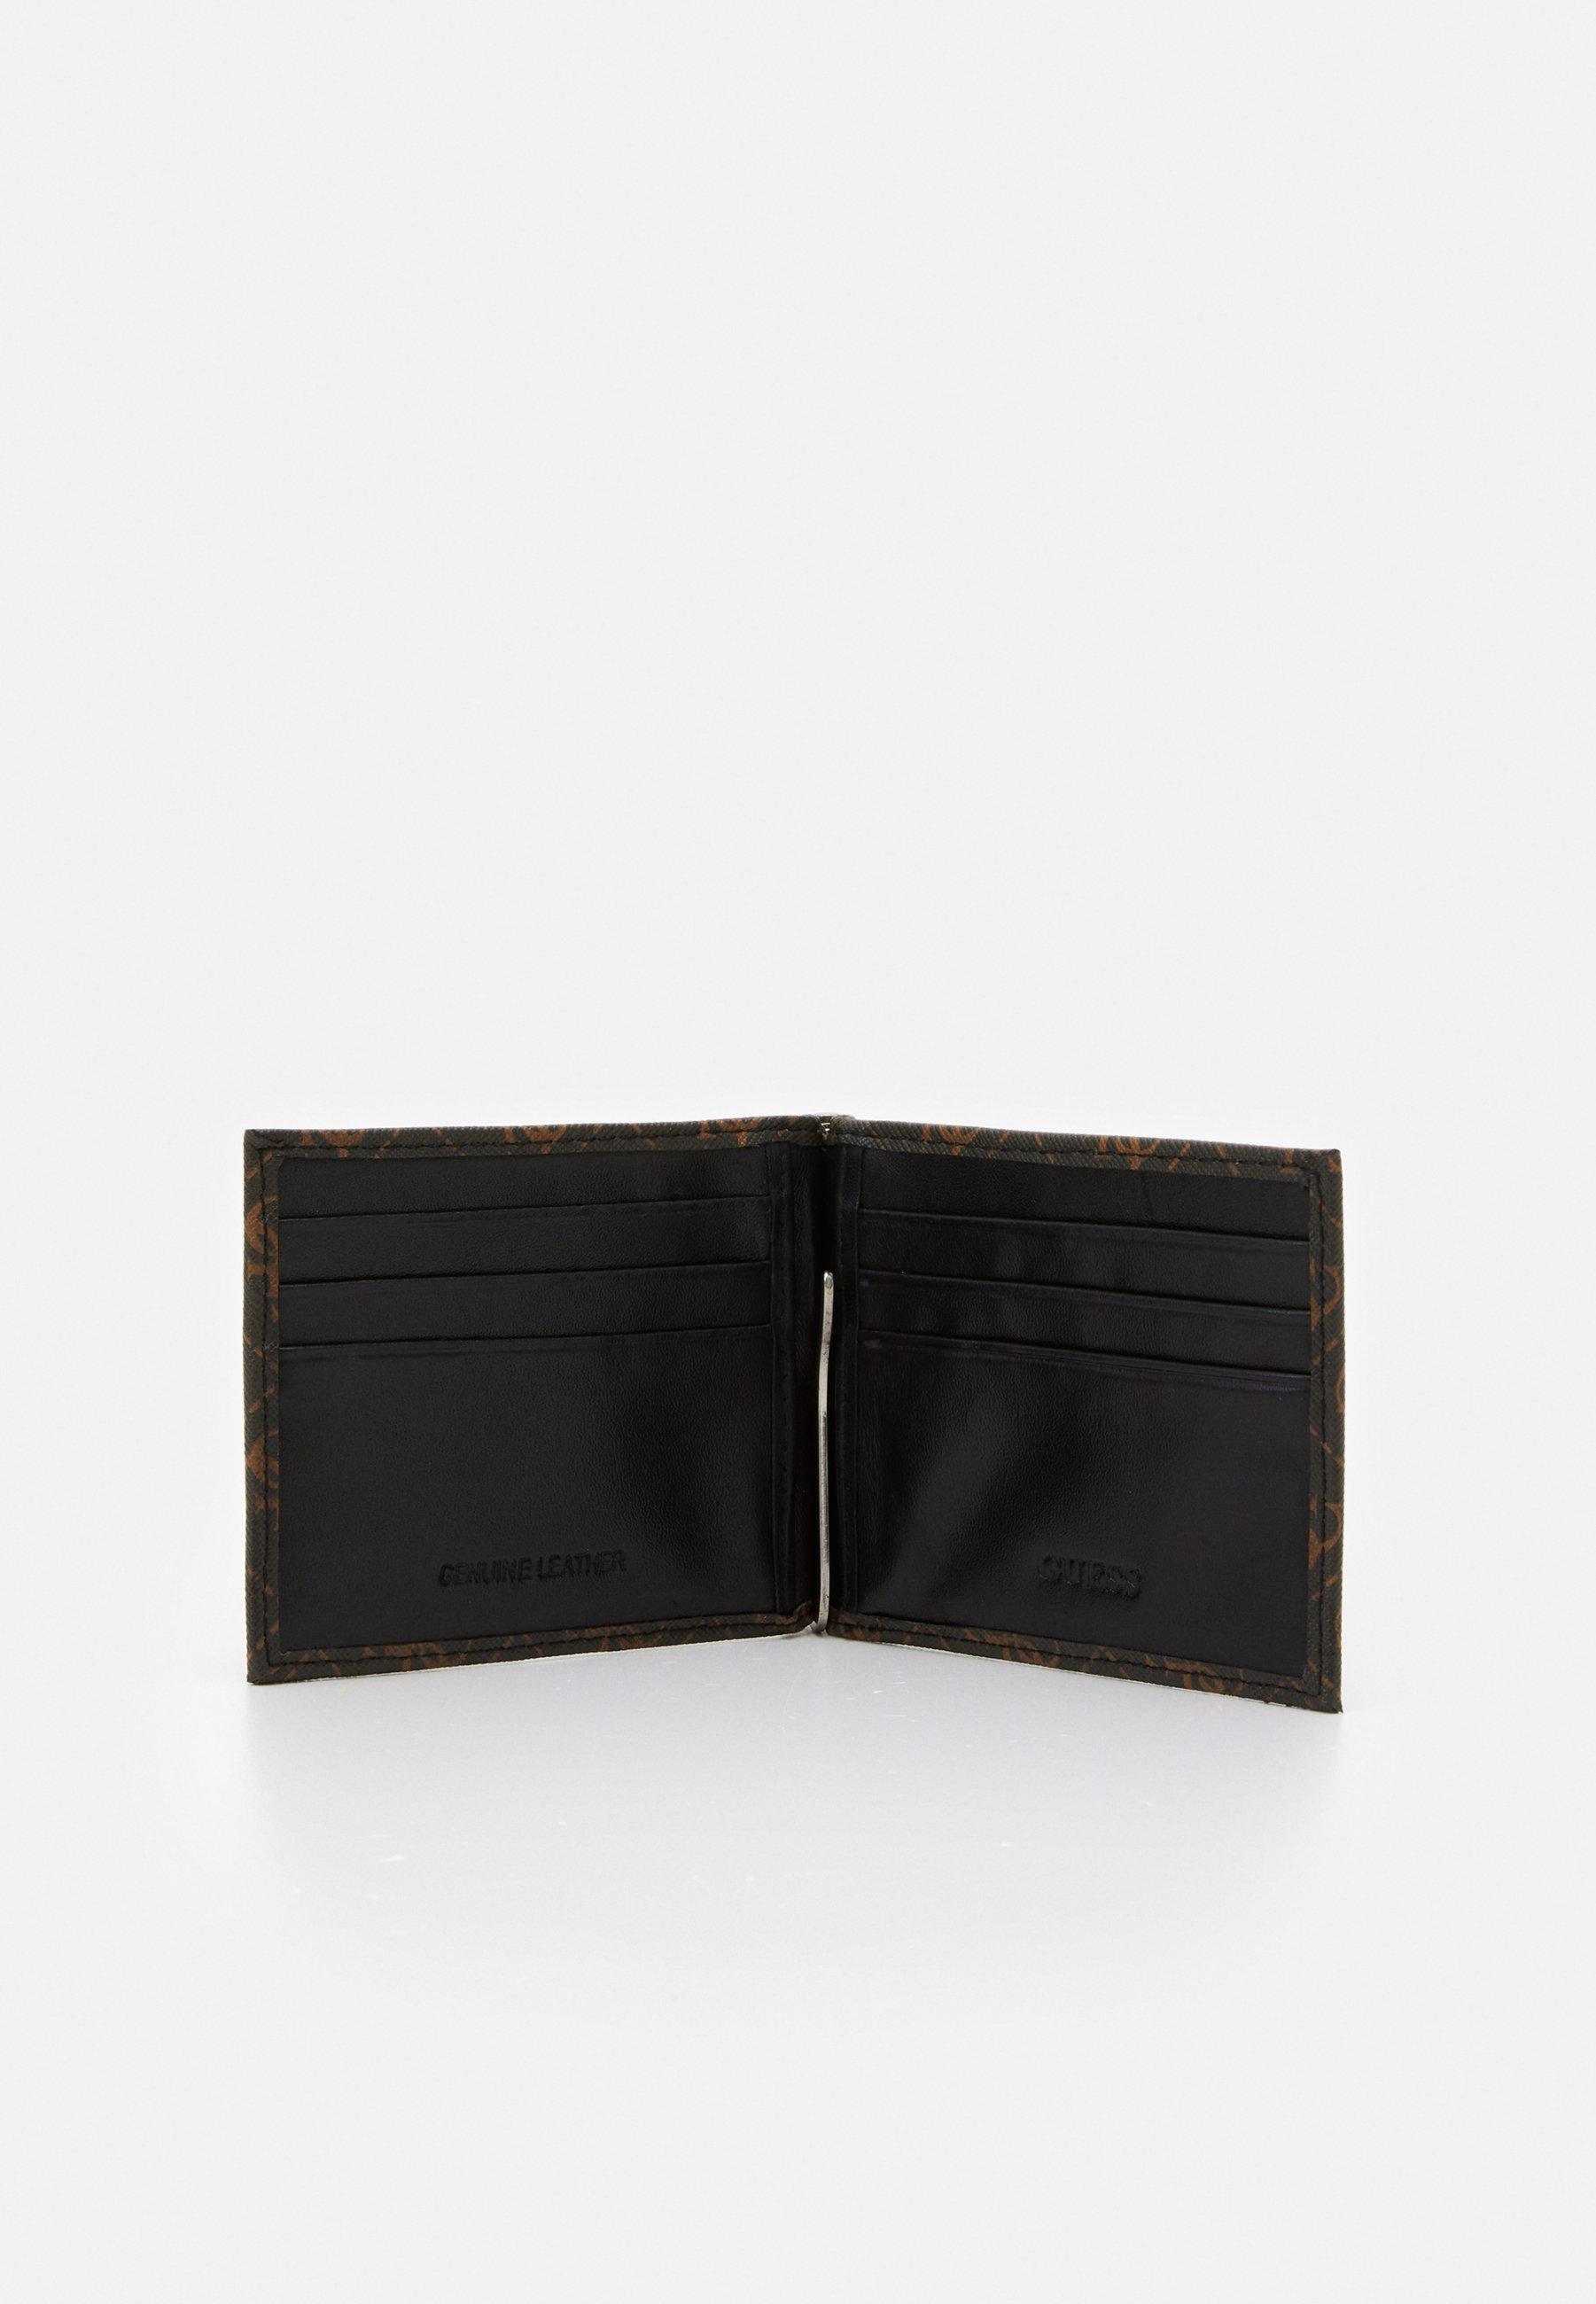 Guess VEZZOLA MONEY CLIP - Geldbörse - brown/braun - Herrentaschen LGtWF